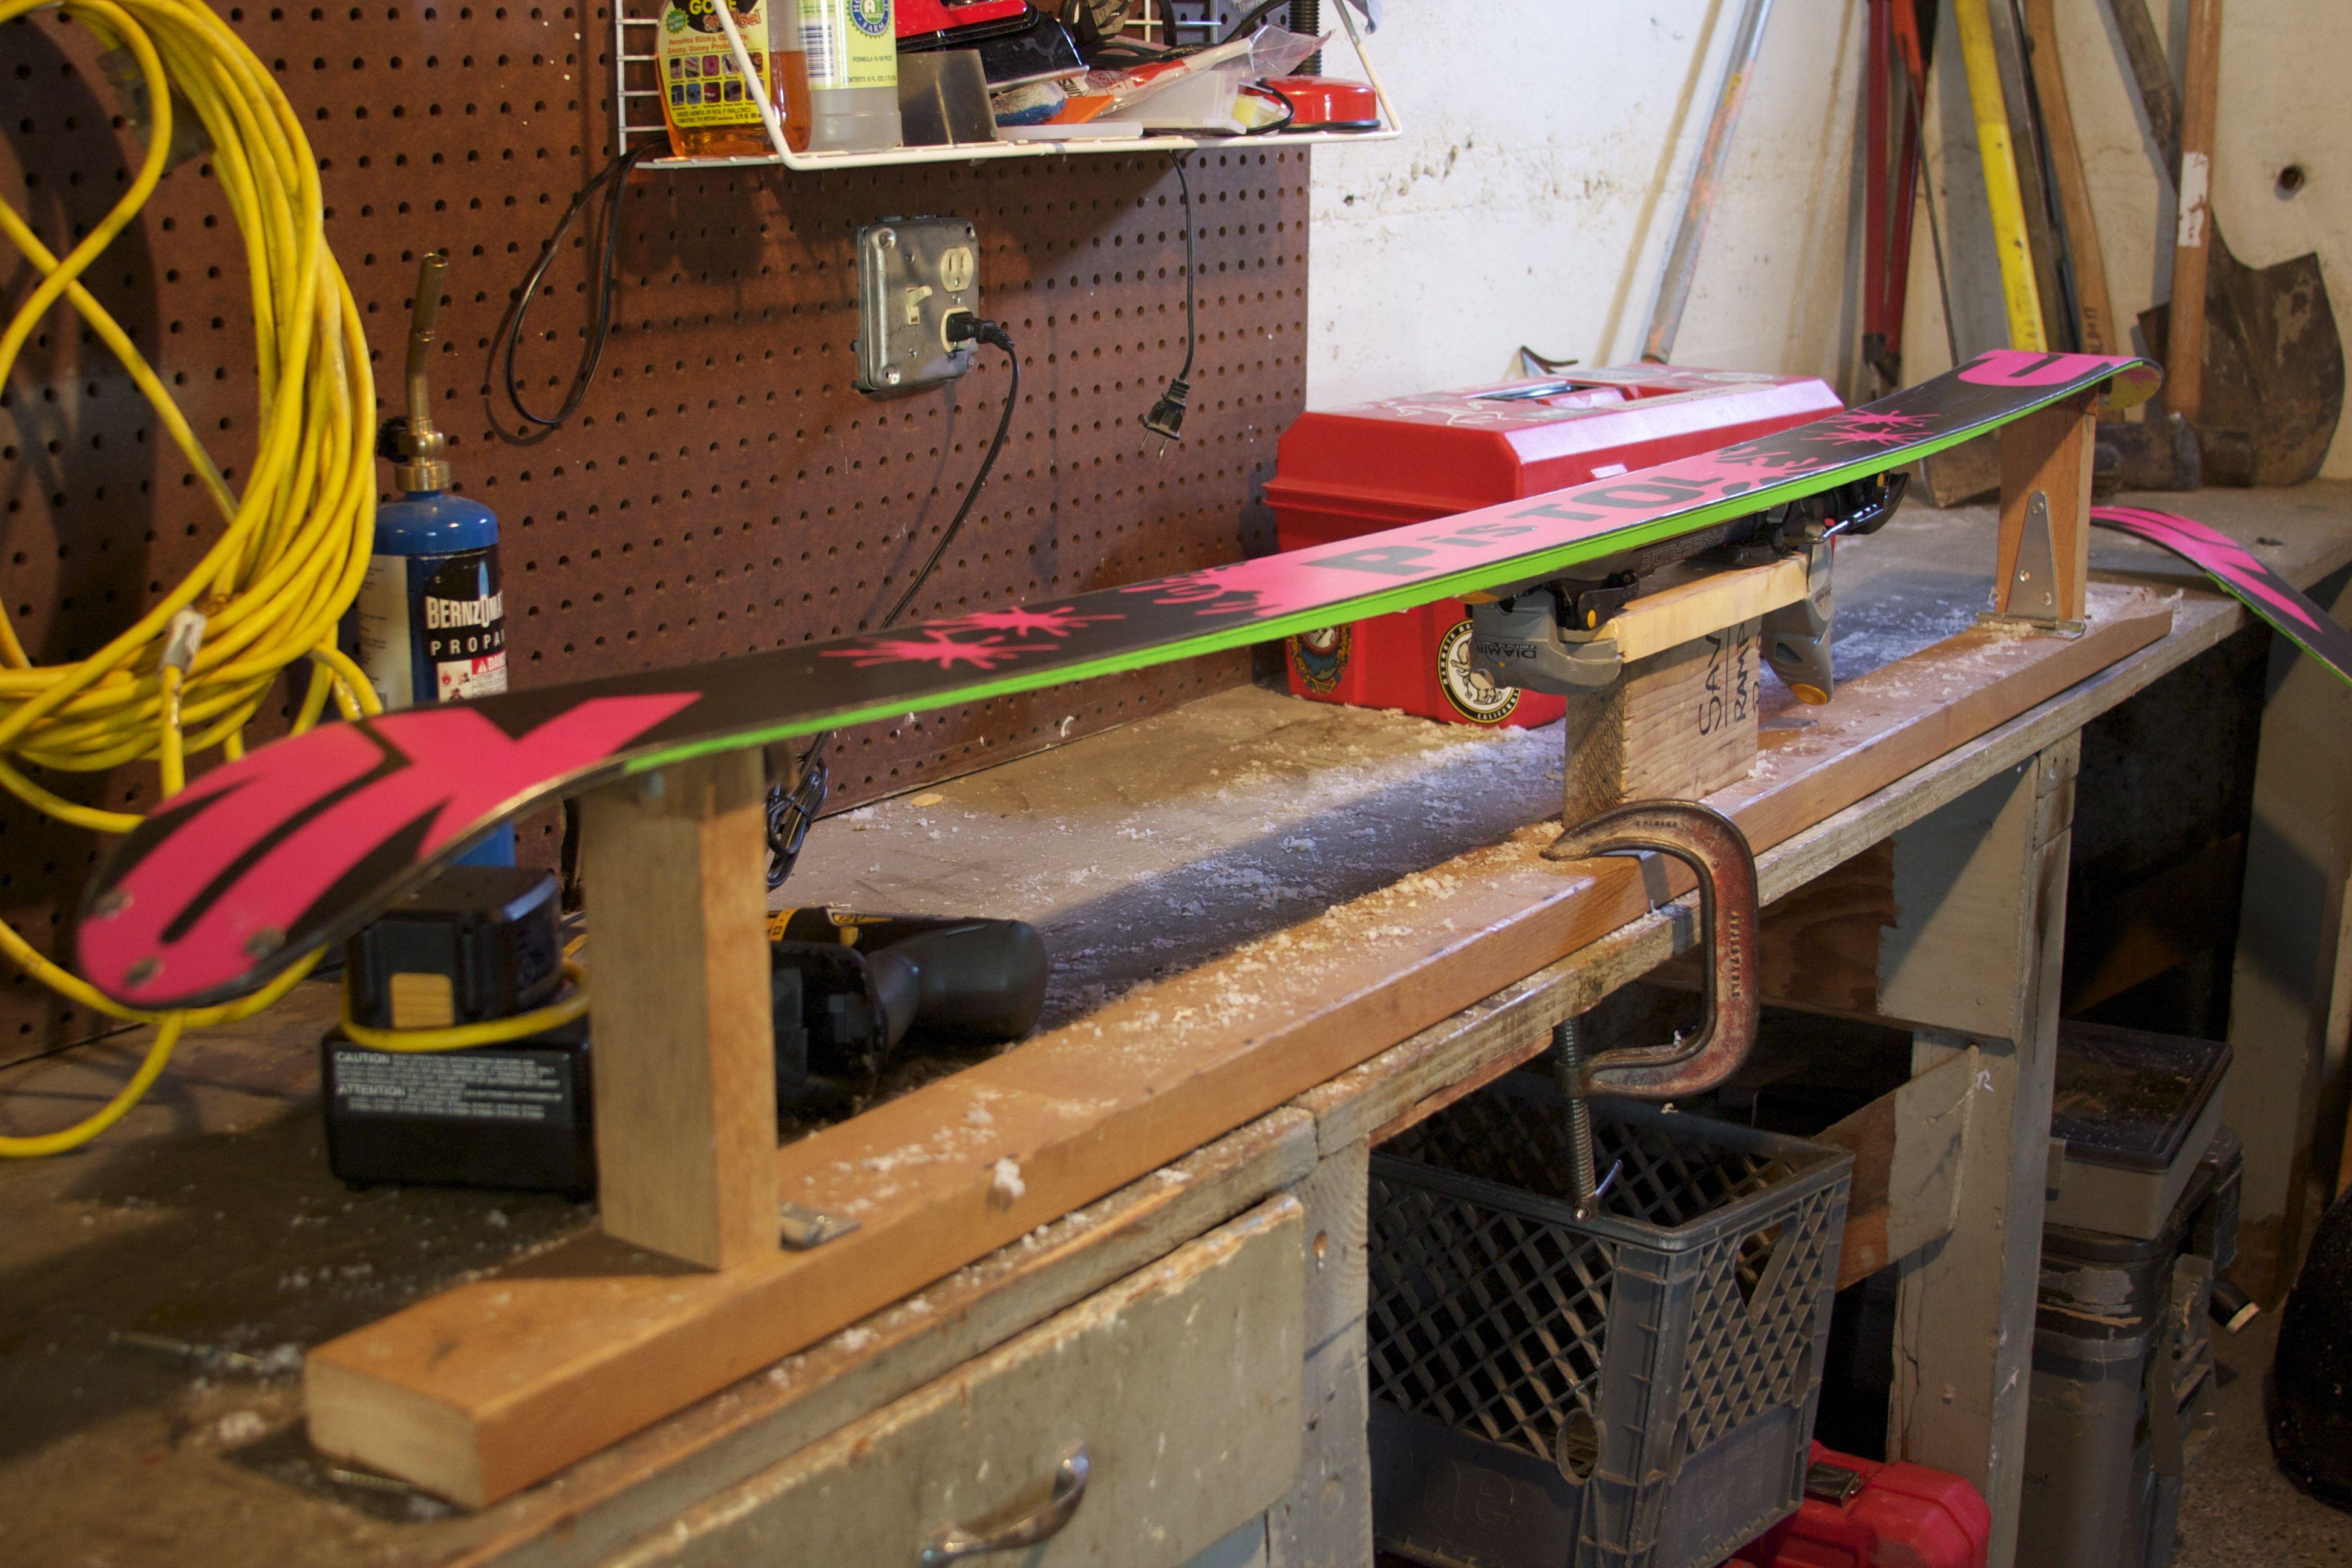 Diy ski tuning bench skiing ski rack diy